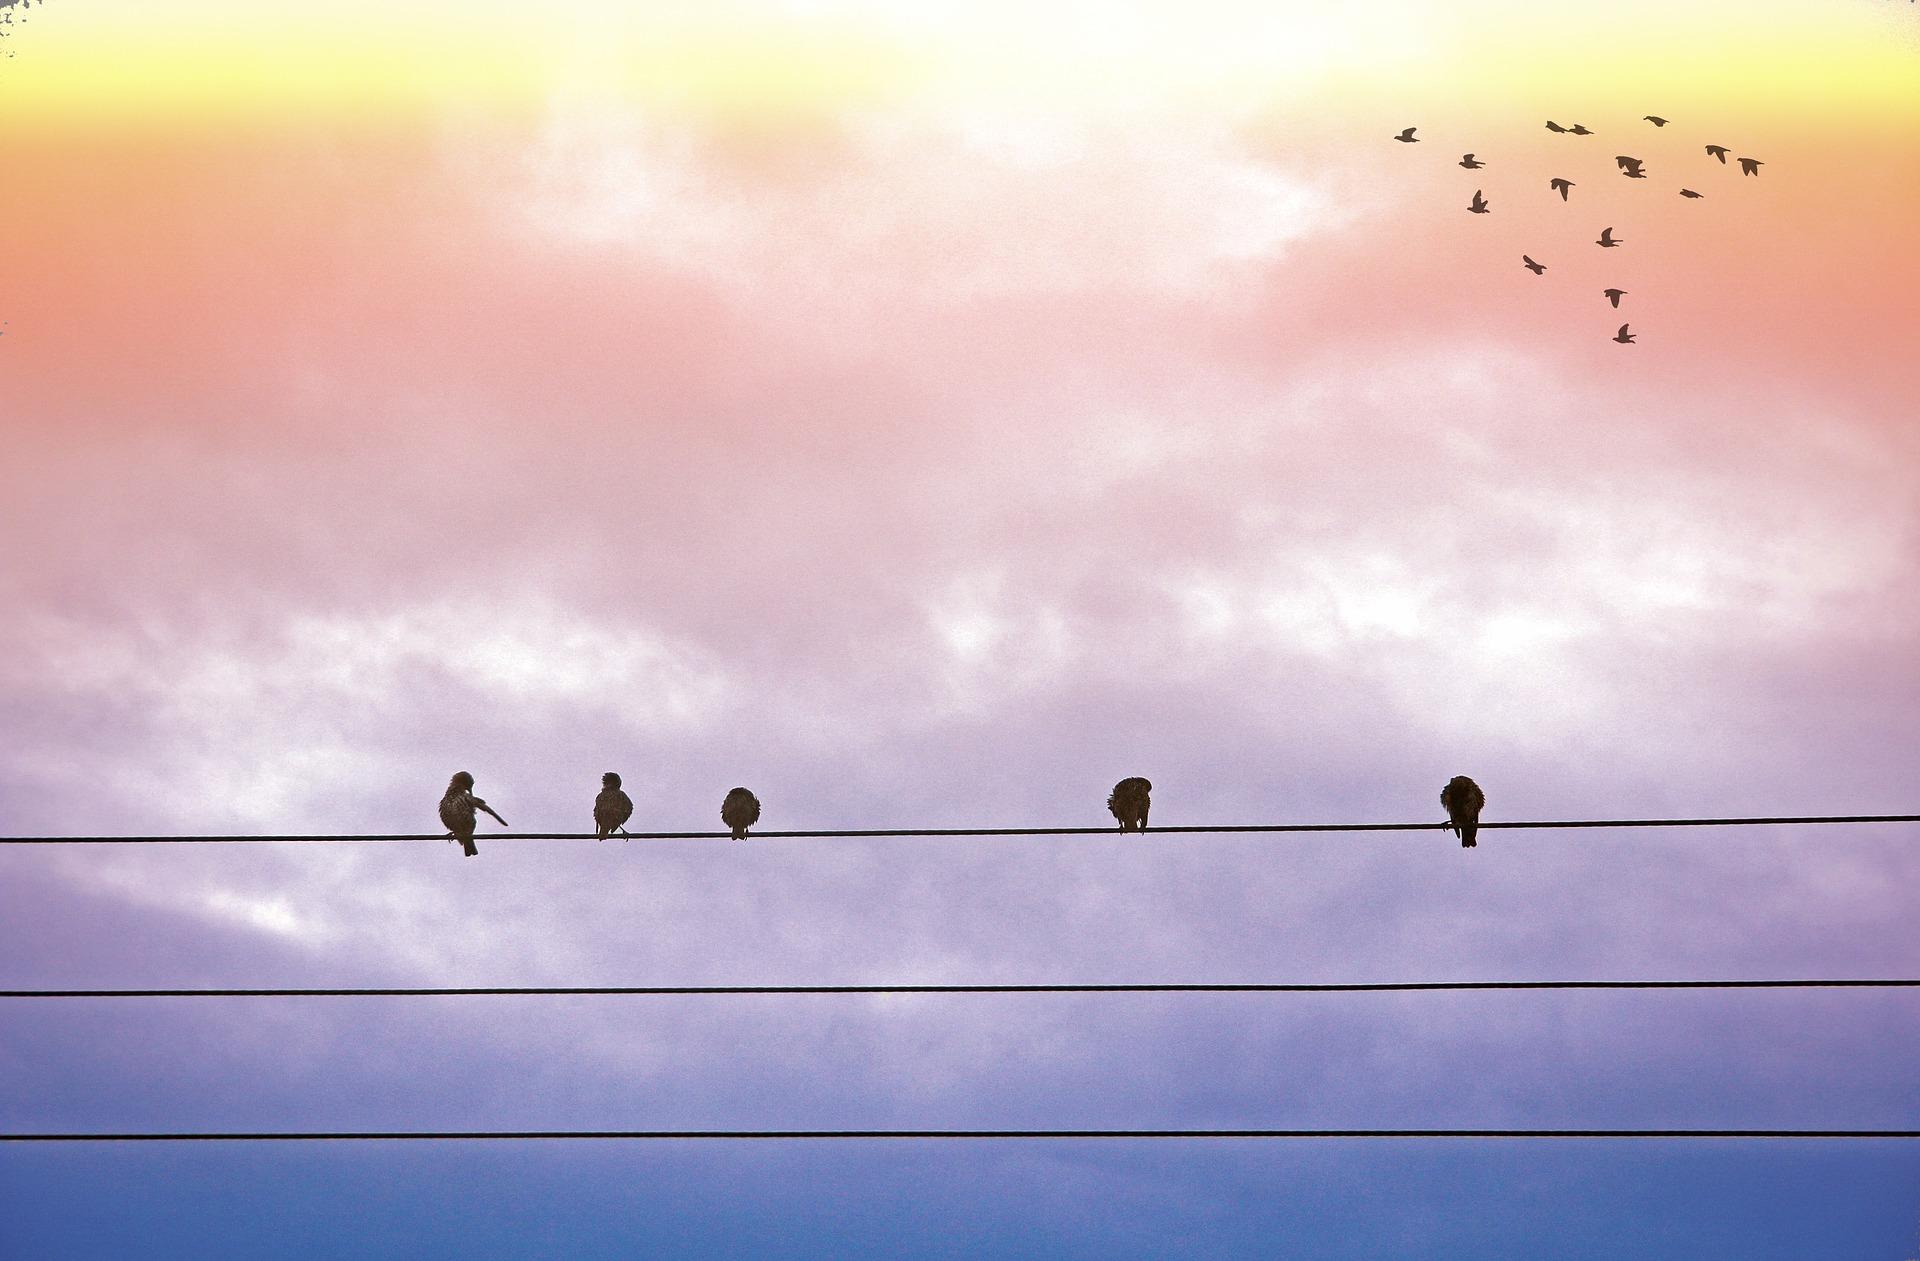 birds-1601101_1920.jpg